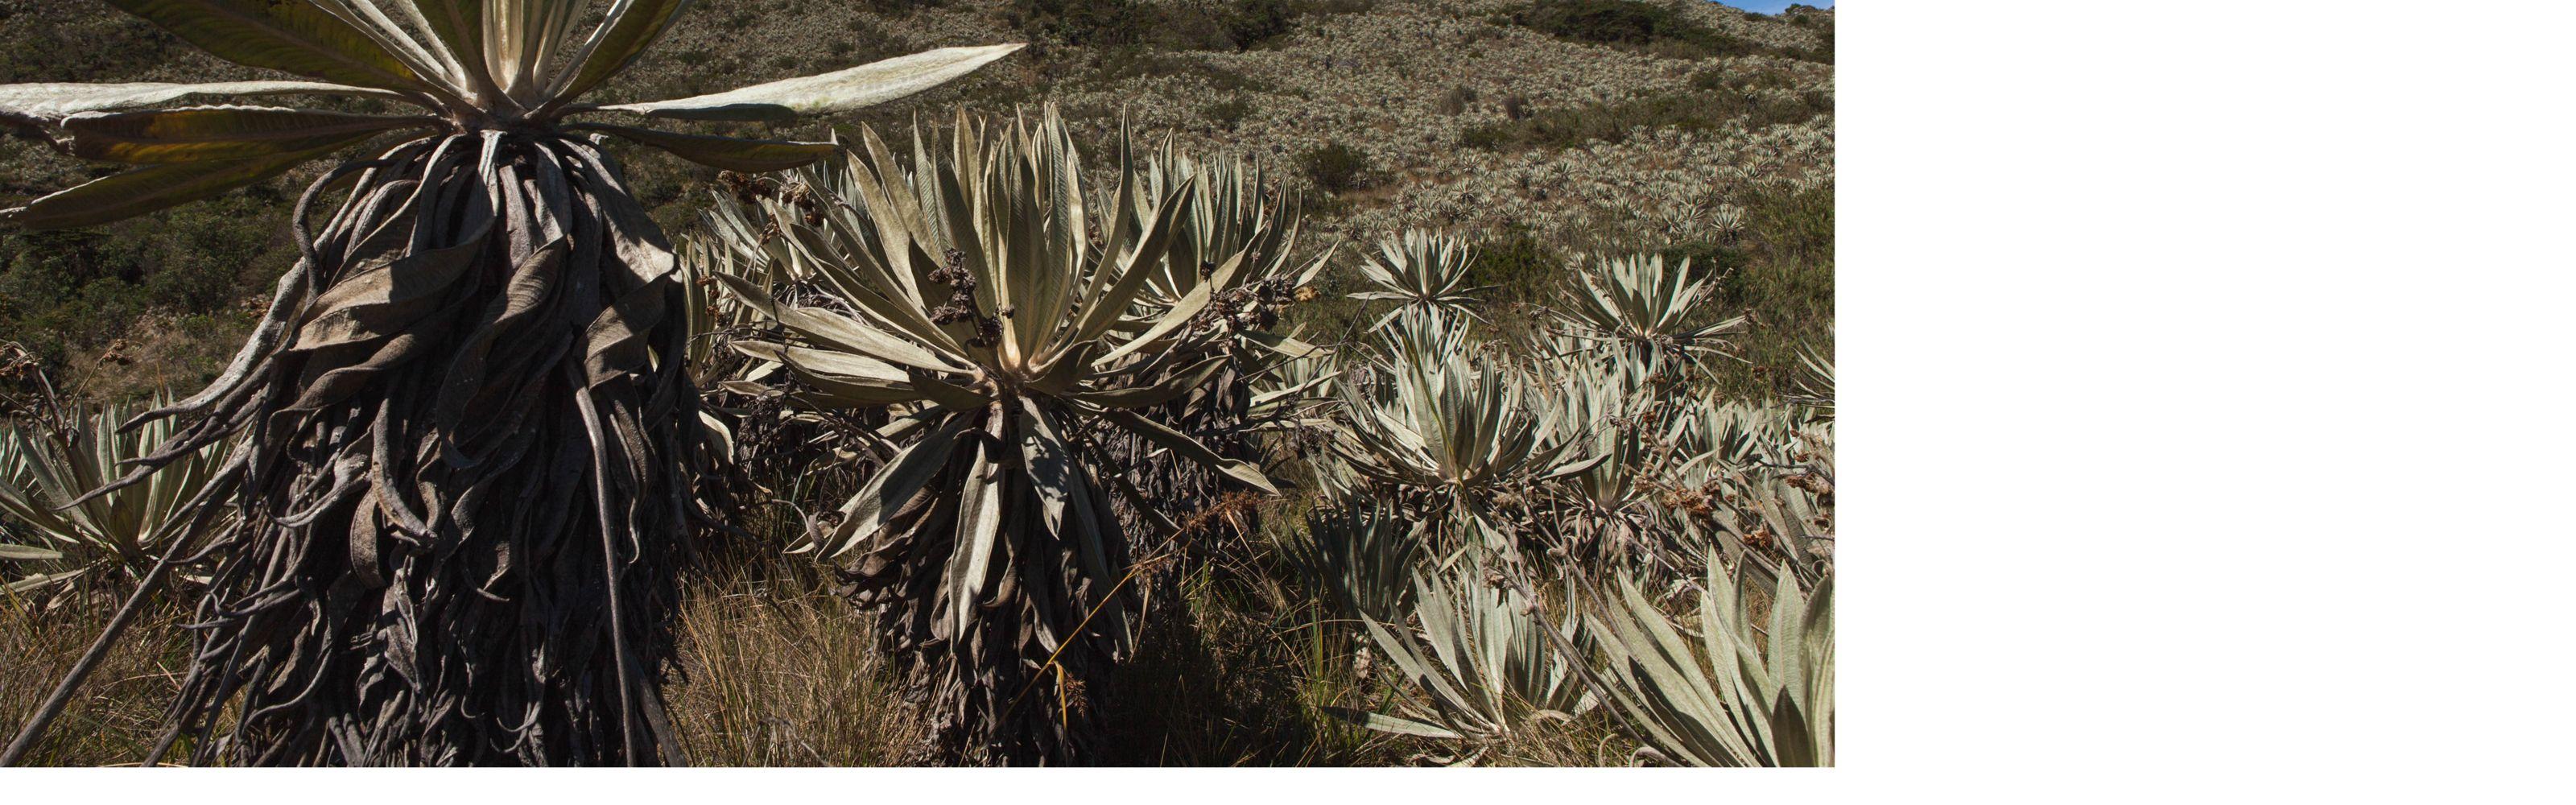 Arriba, ¿qué parece un desierto, pero está lleno de agua? ¡El ecosistema del paramo! Casi una esponja en lo alto de las montañas.